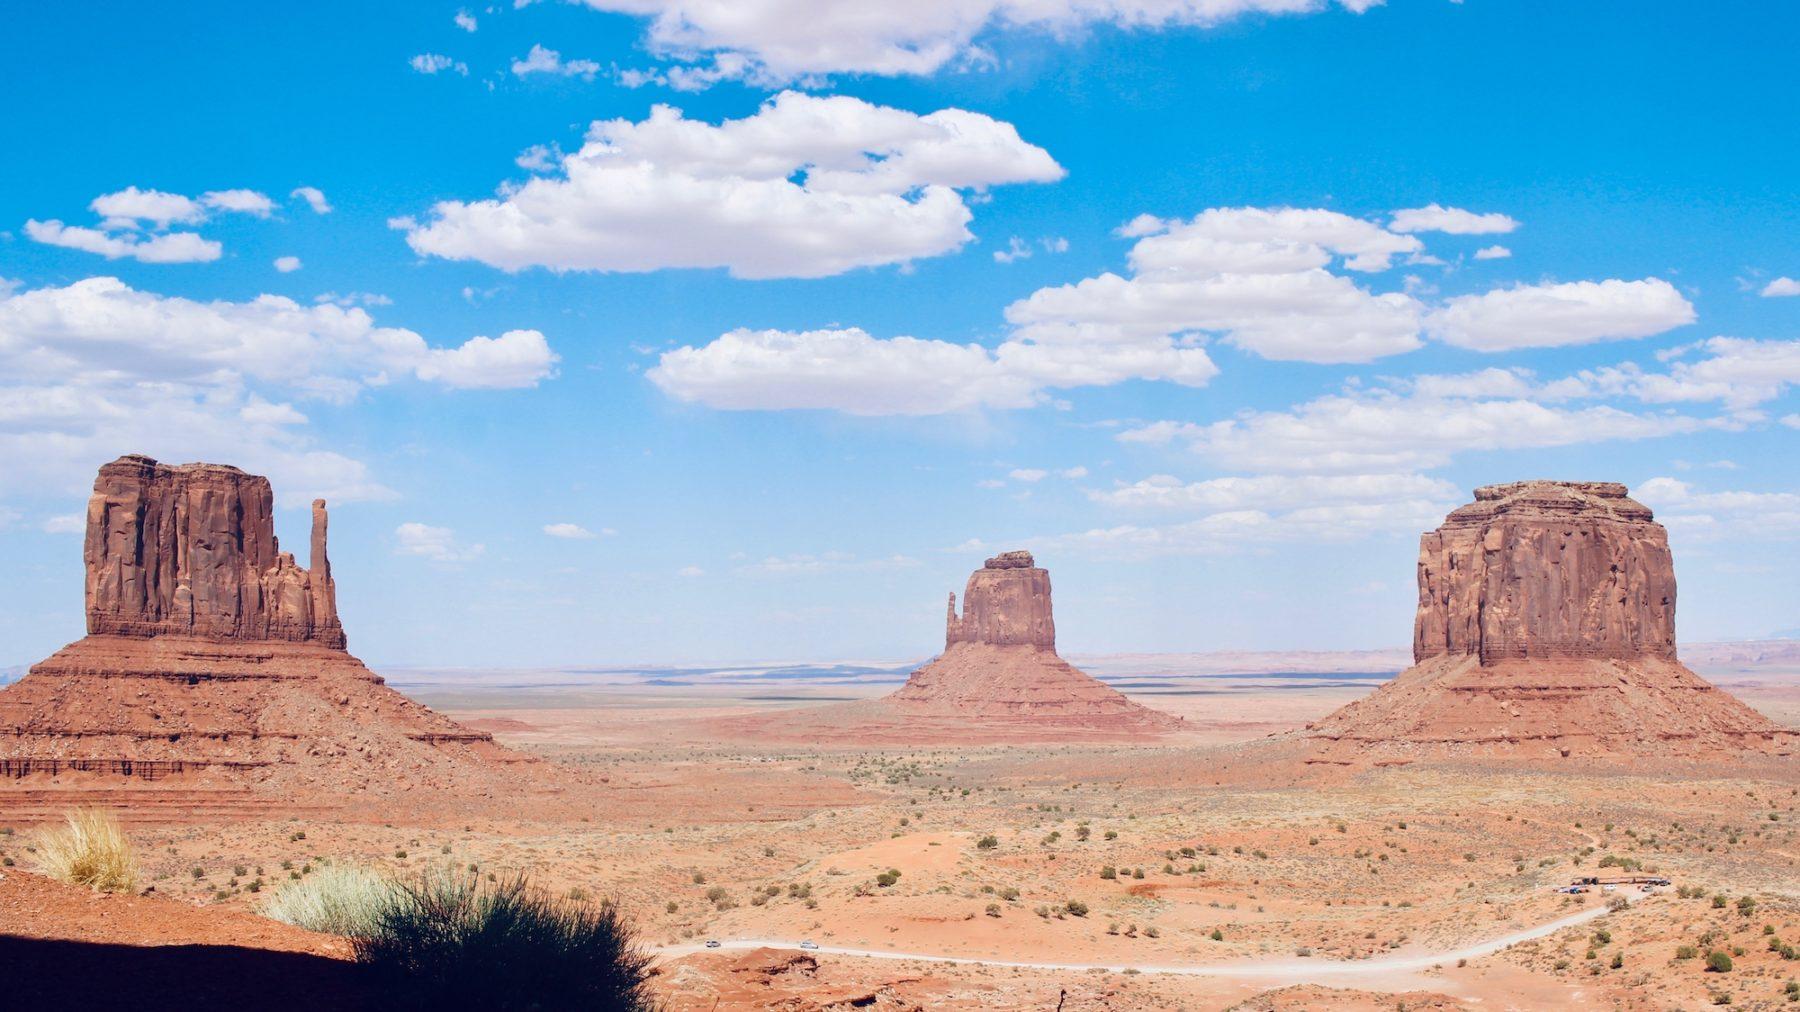 Plains of Arizona